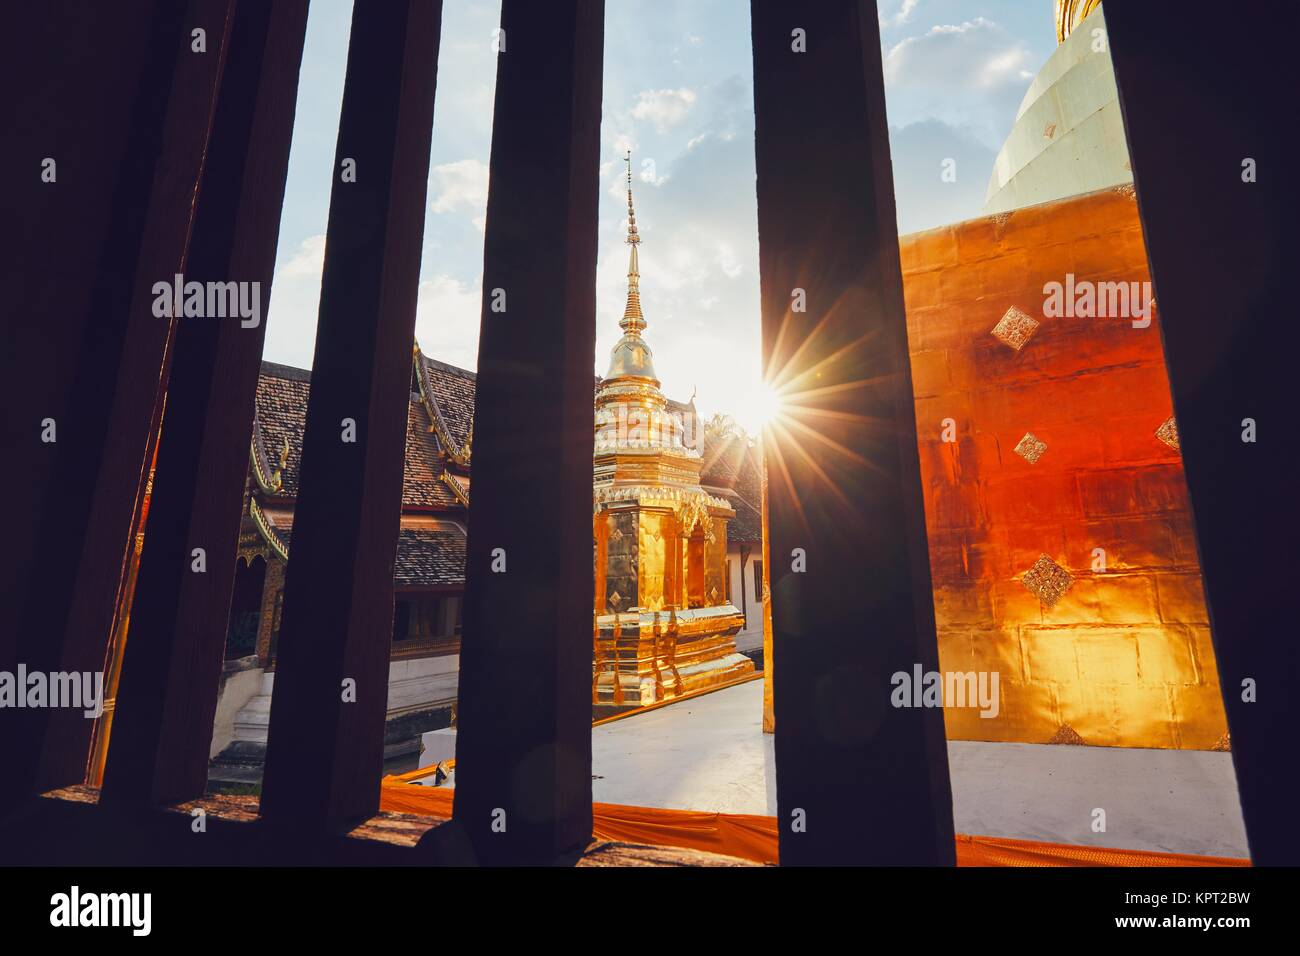 La vista dalla finestra del il buddista Phra Singh tempio al tramonto. Turisti landmark preferiti nel centro di Immagini Stock